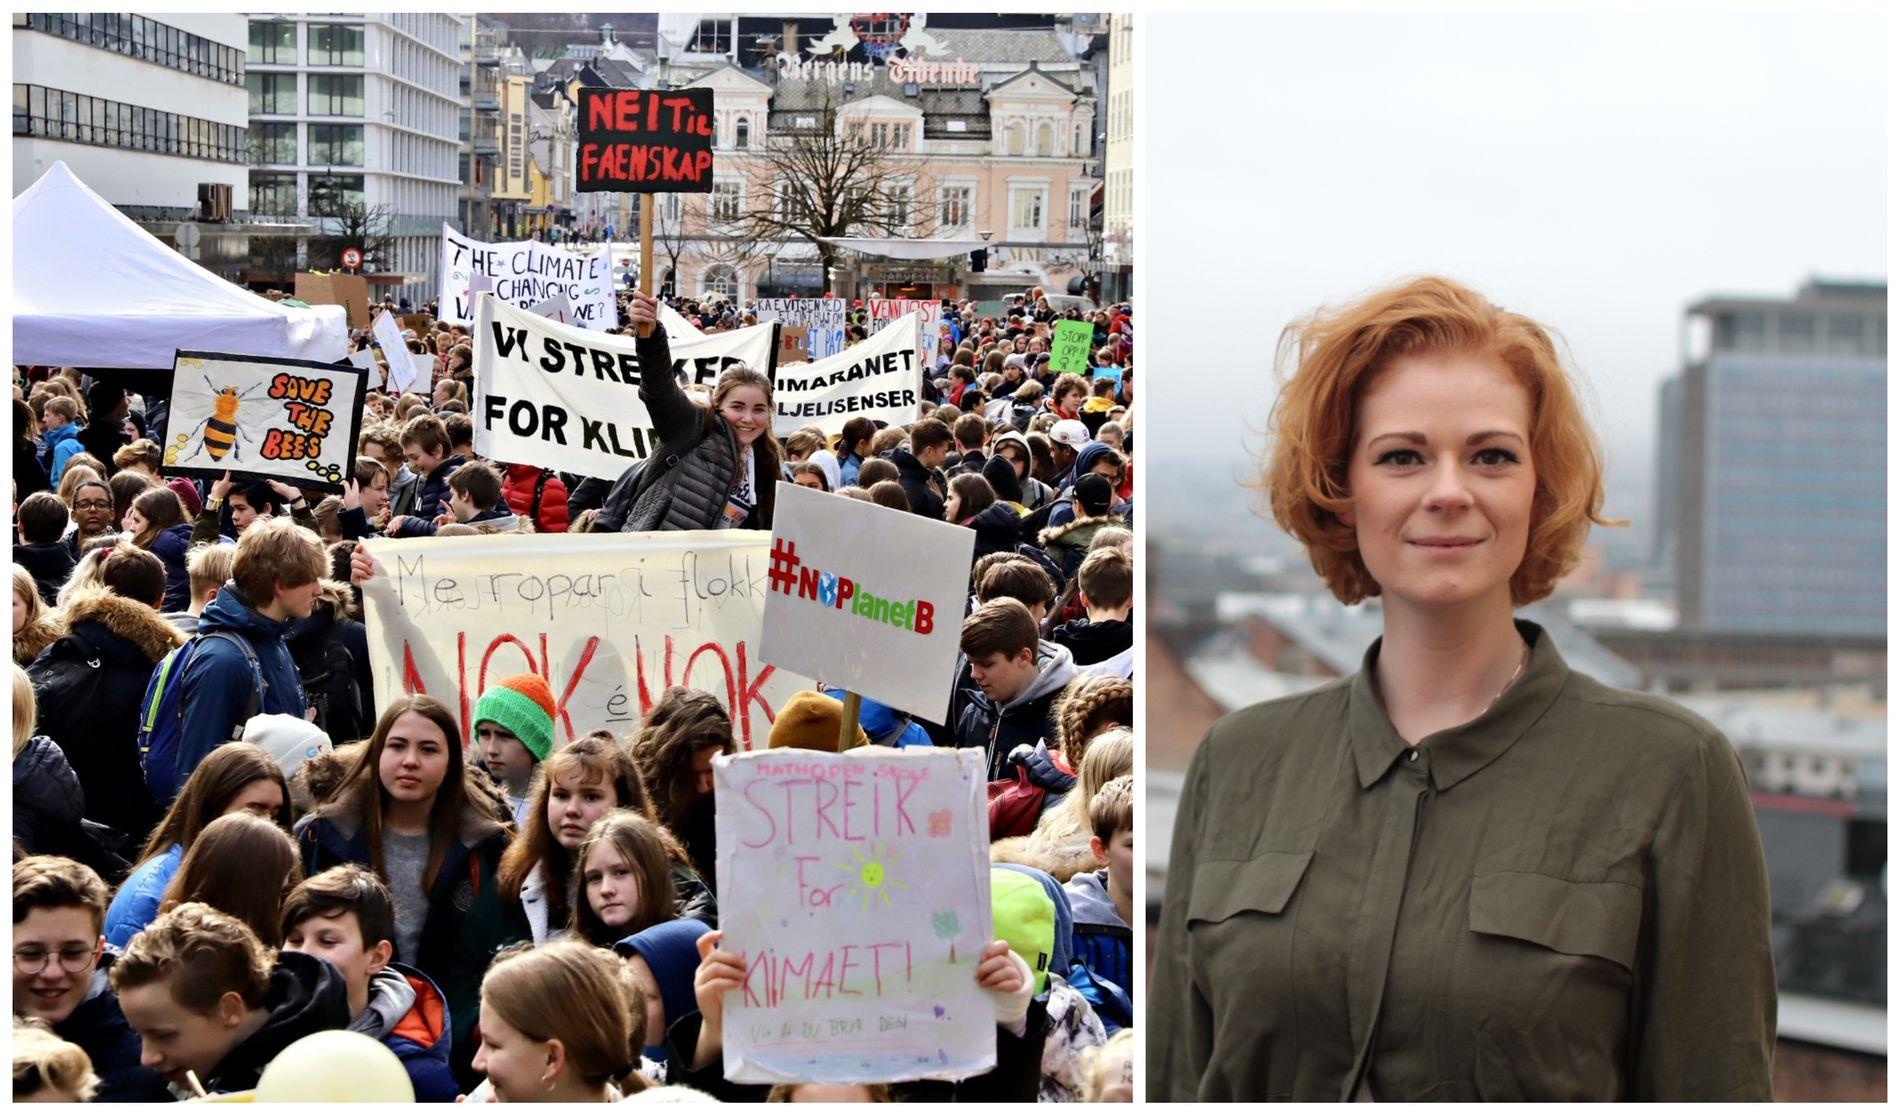 MANGLER STEMMERETT: Streikene er spesielt viktige fordi flertallet av skoleelever ikke har muligheten til å stemme, skriver Anne Sofie Bergvall.